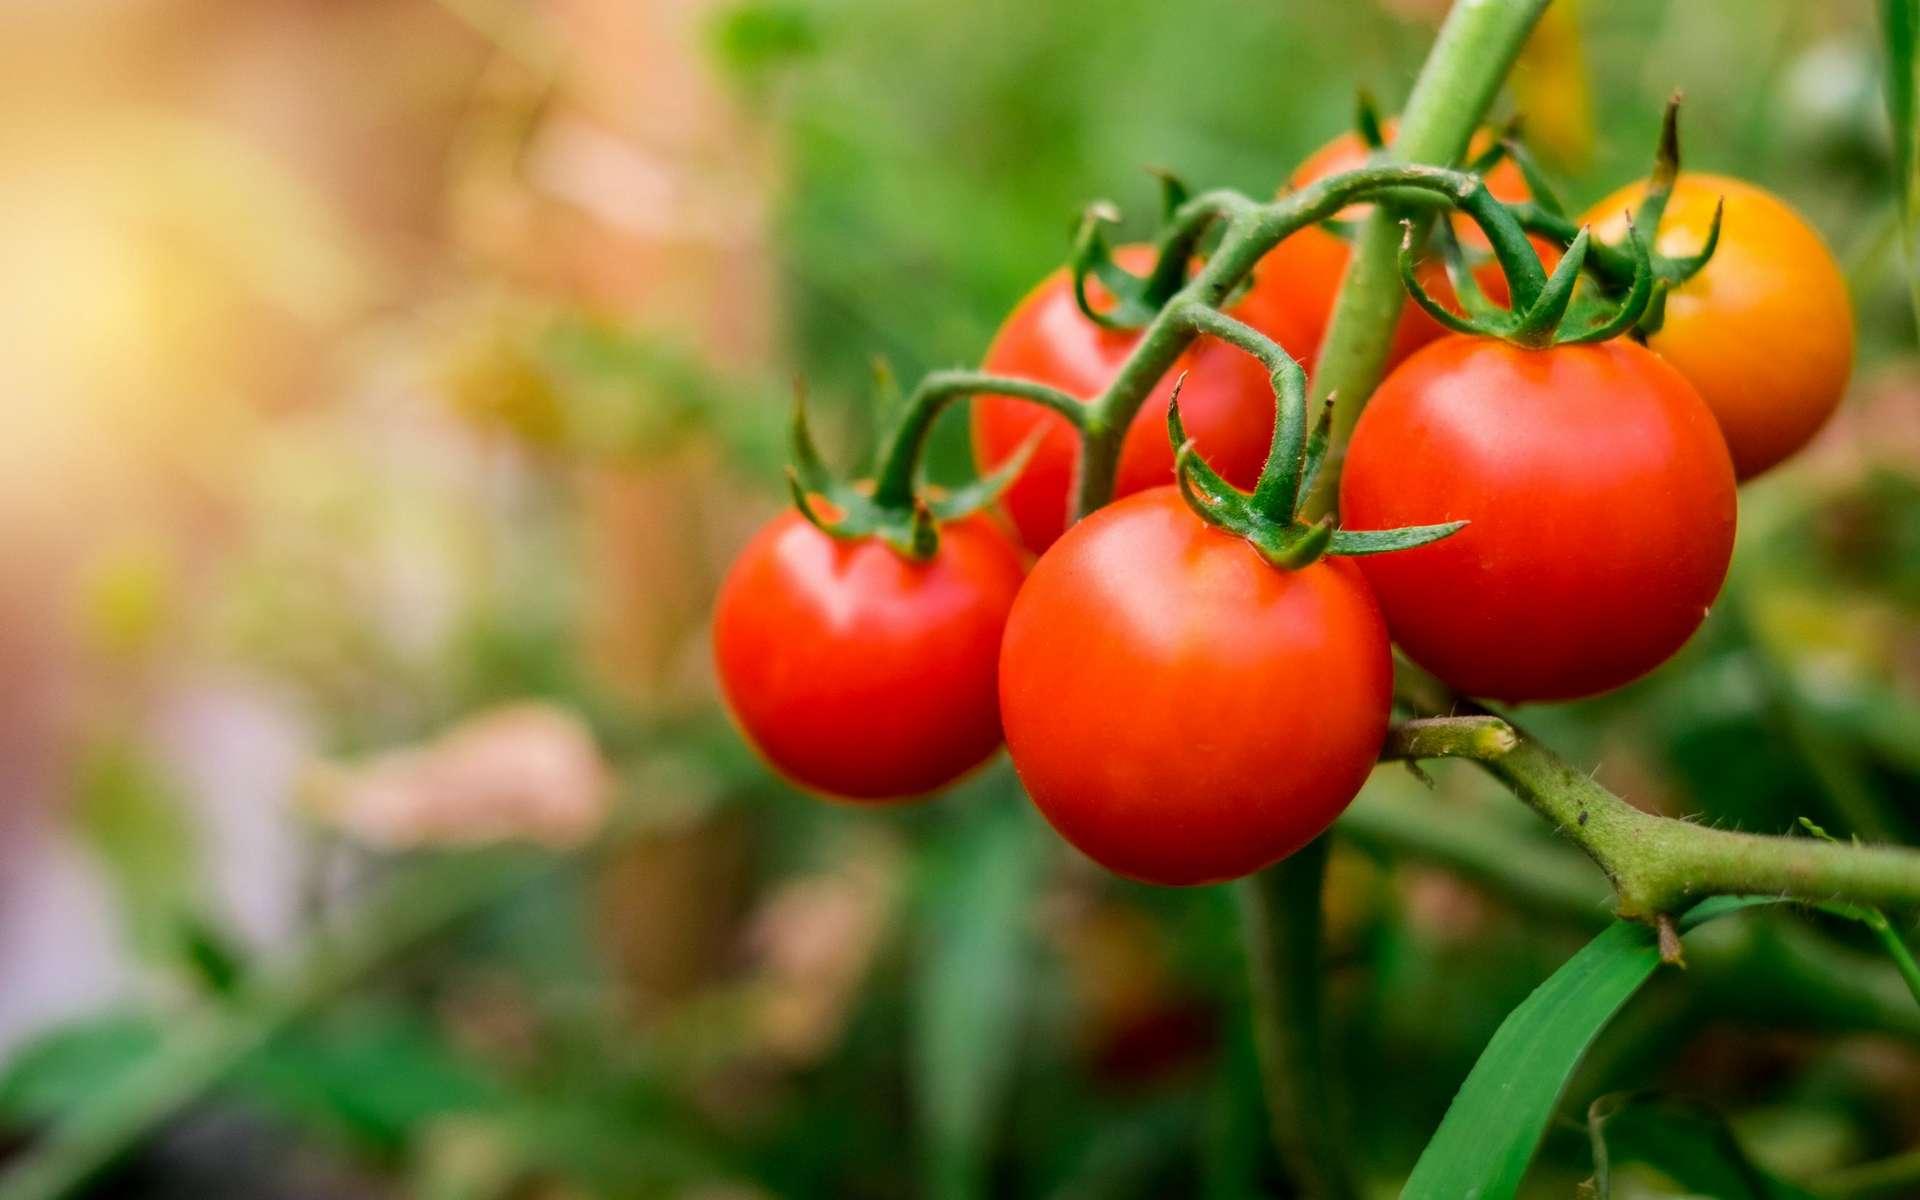 Chez la tomate, il semble que la réponse hormonale à une attaque de ravageurs soit incompatible avec la réponse à une trop forte chaleur. © Ton, Adobe Stock